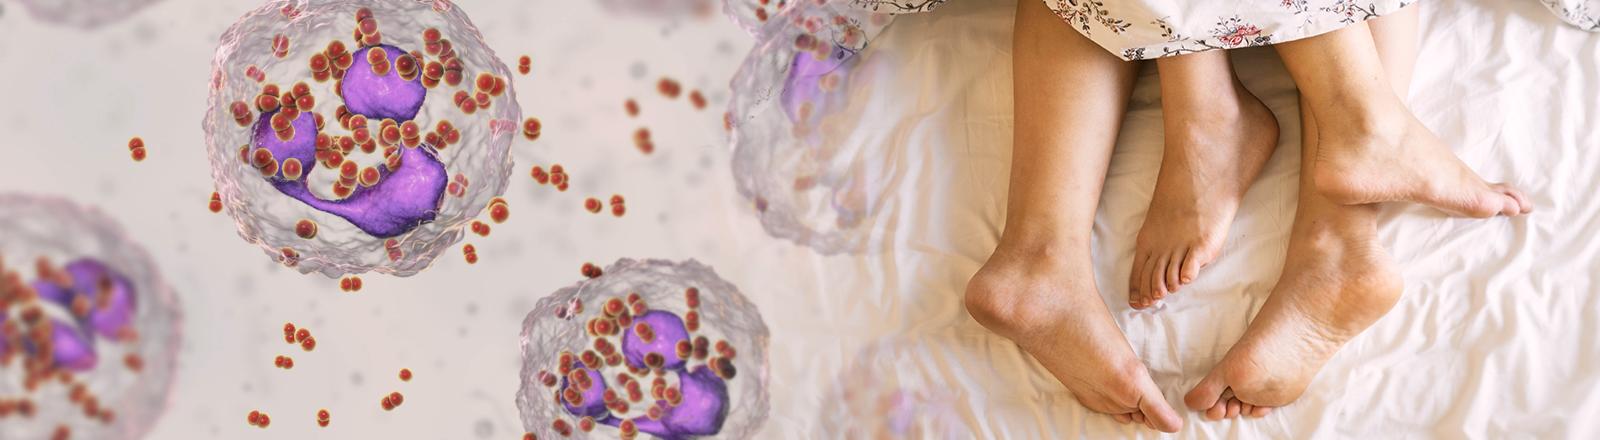 Collage: zwei Füße im Bett und Mikroskop-Aufnahme von Tripper-Bakterien